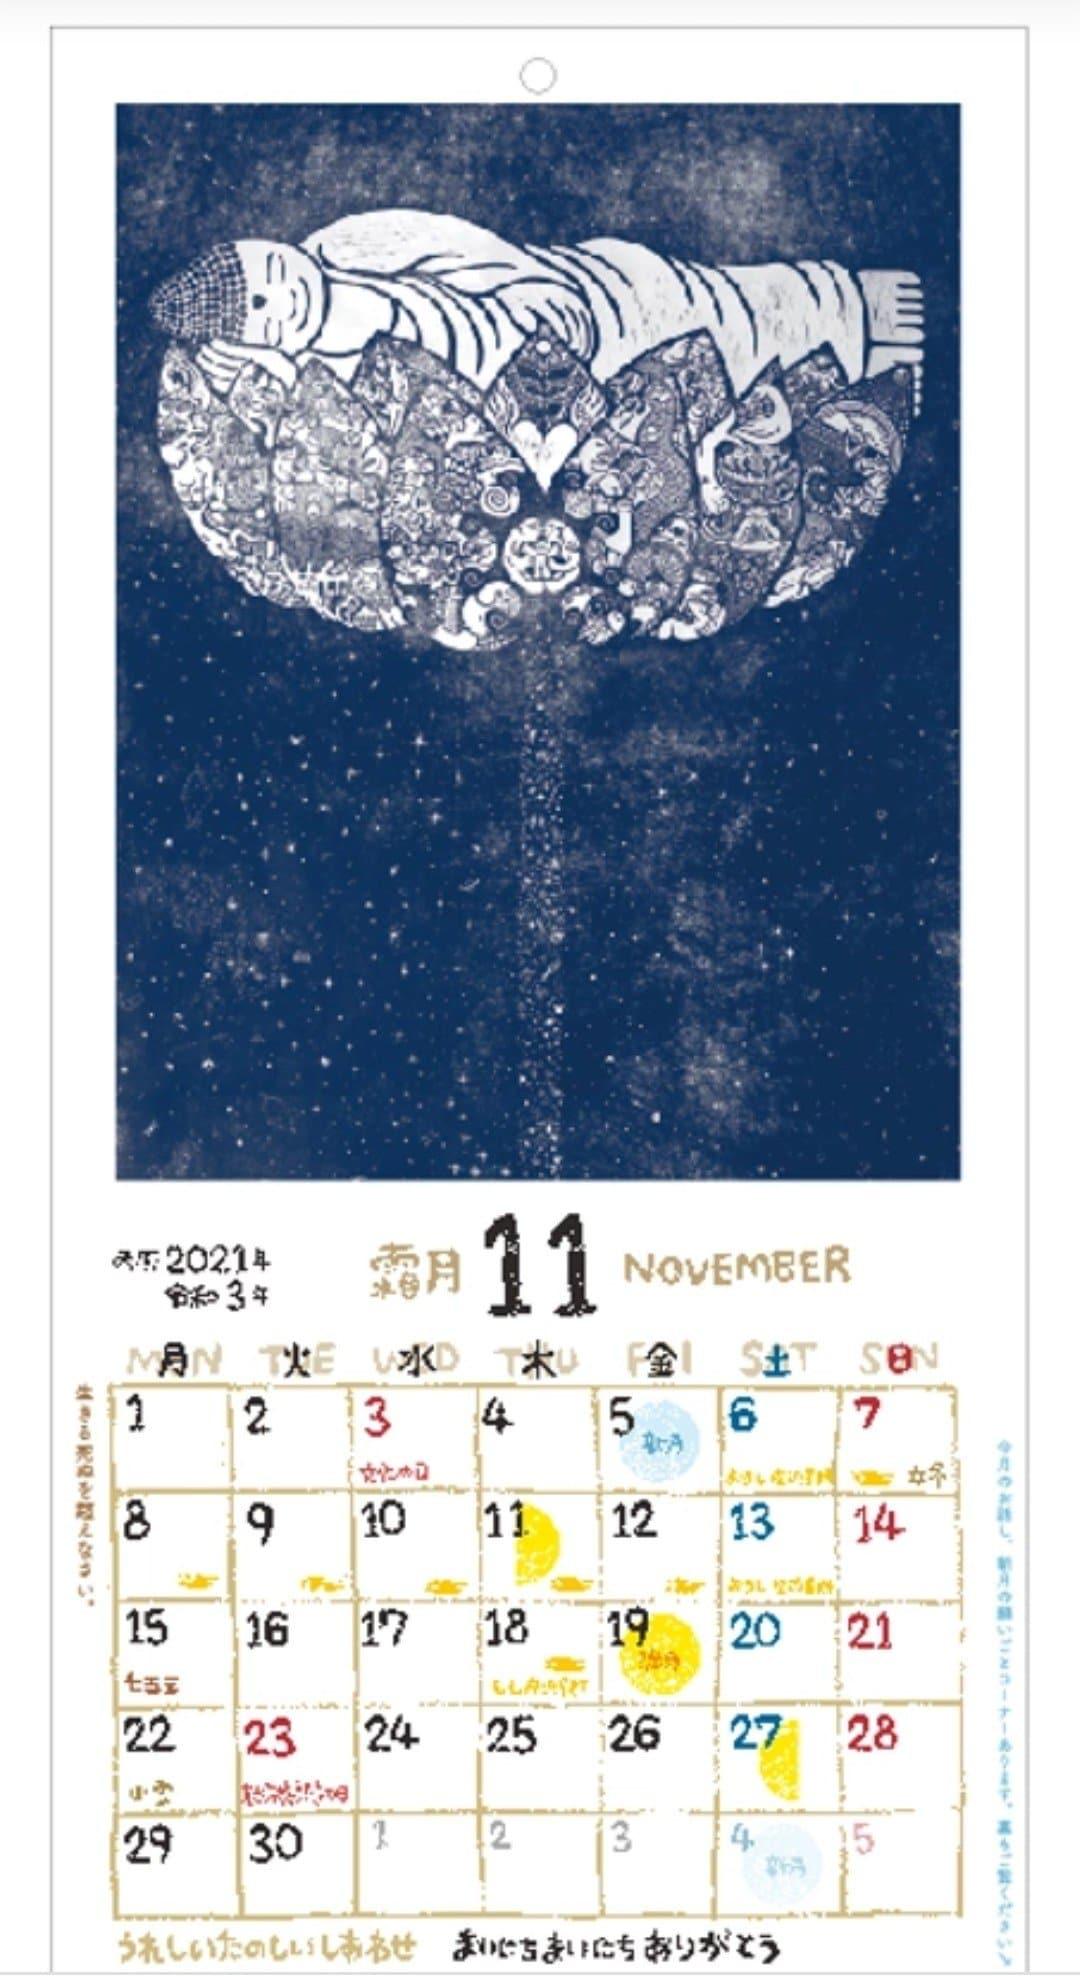 いろおとひかり・カレンダー2021年/限定予約販売のイメージその4